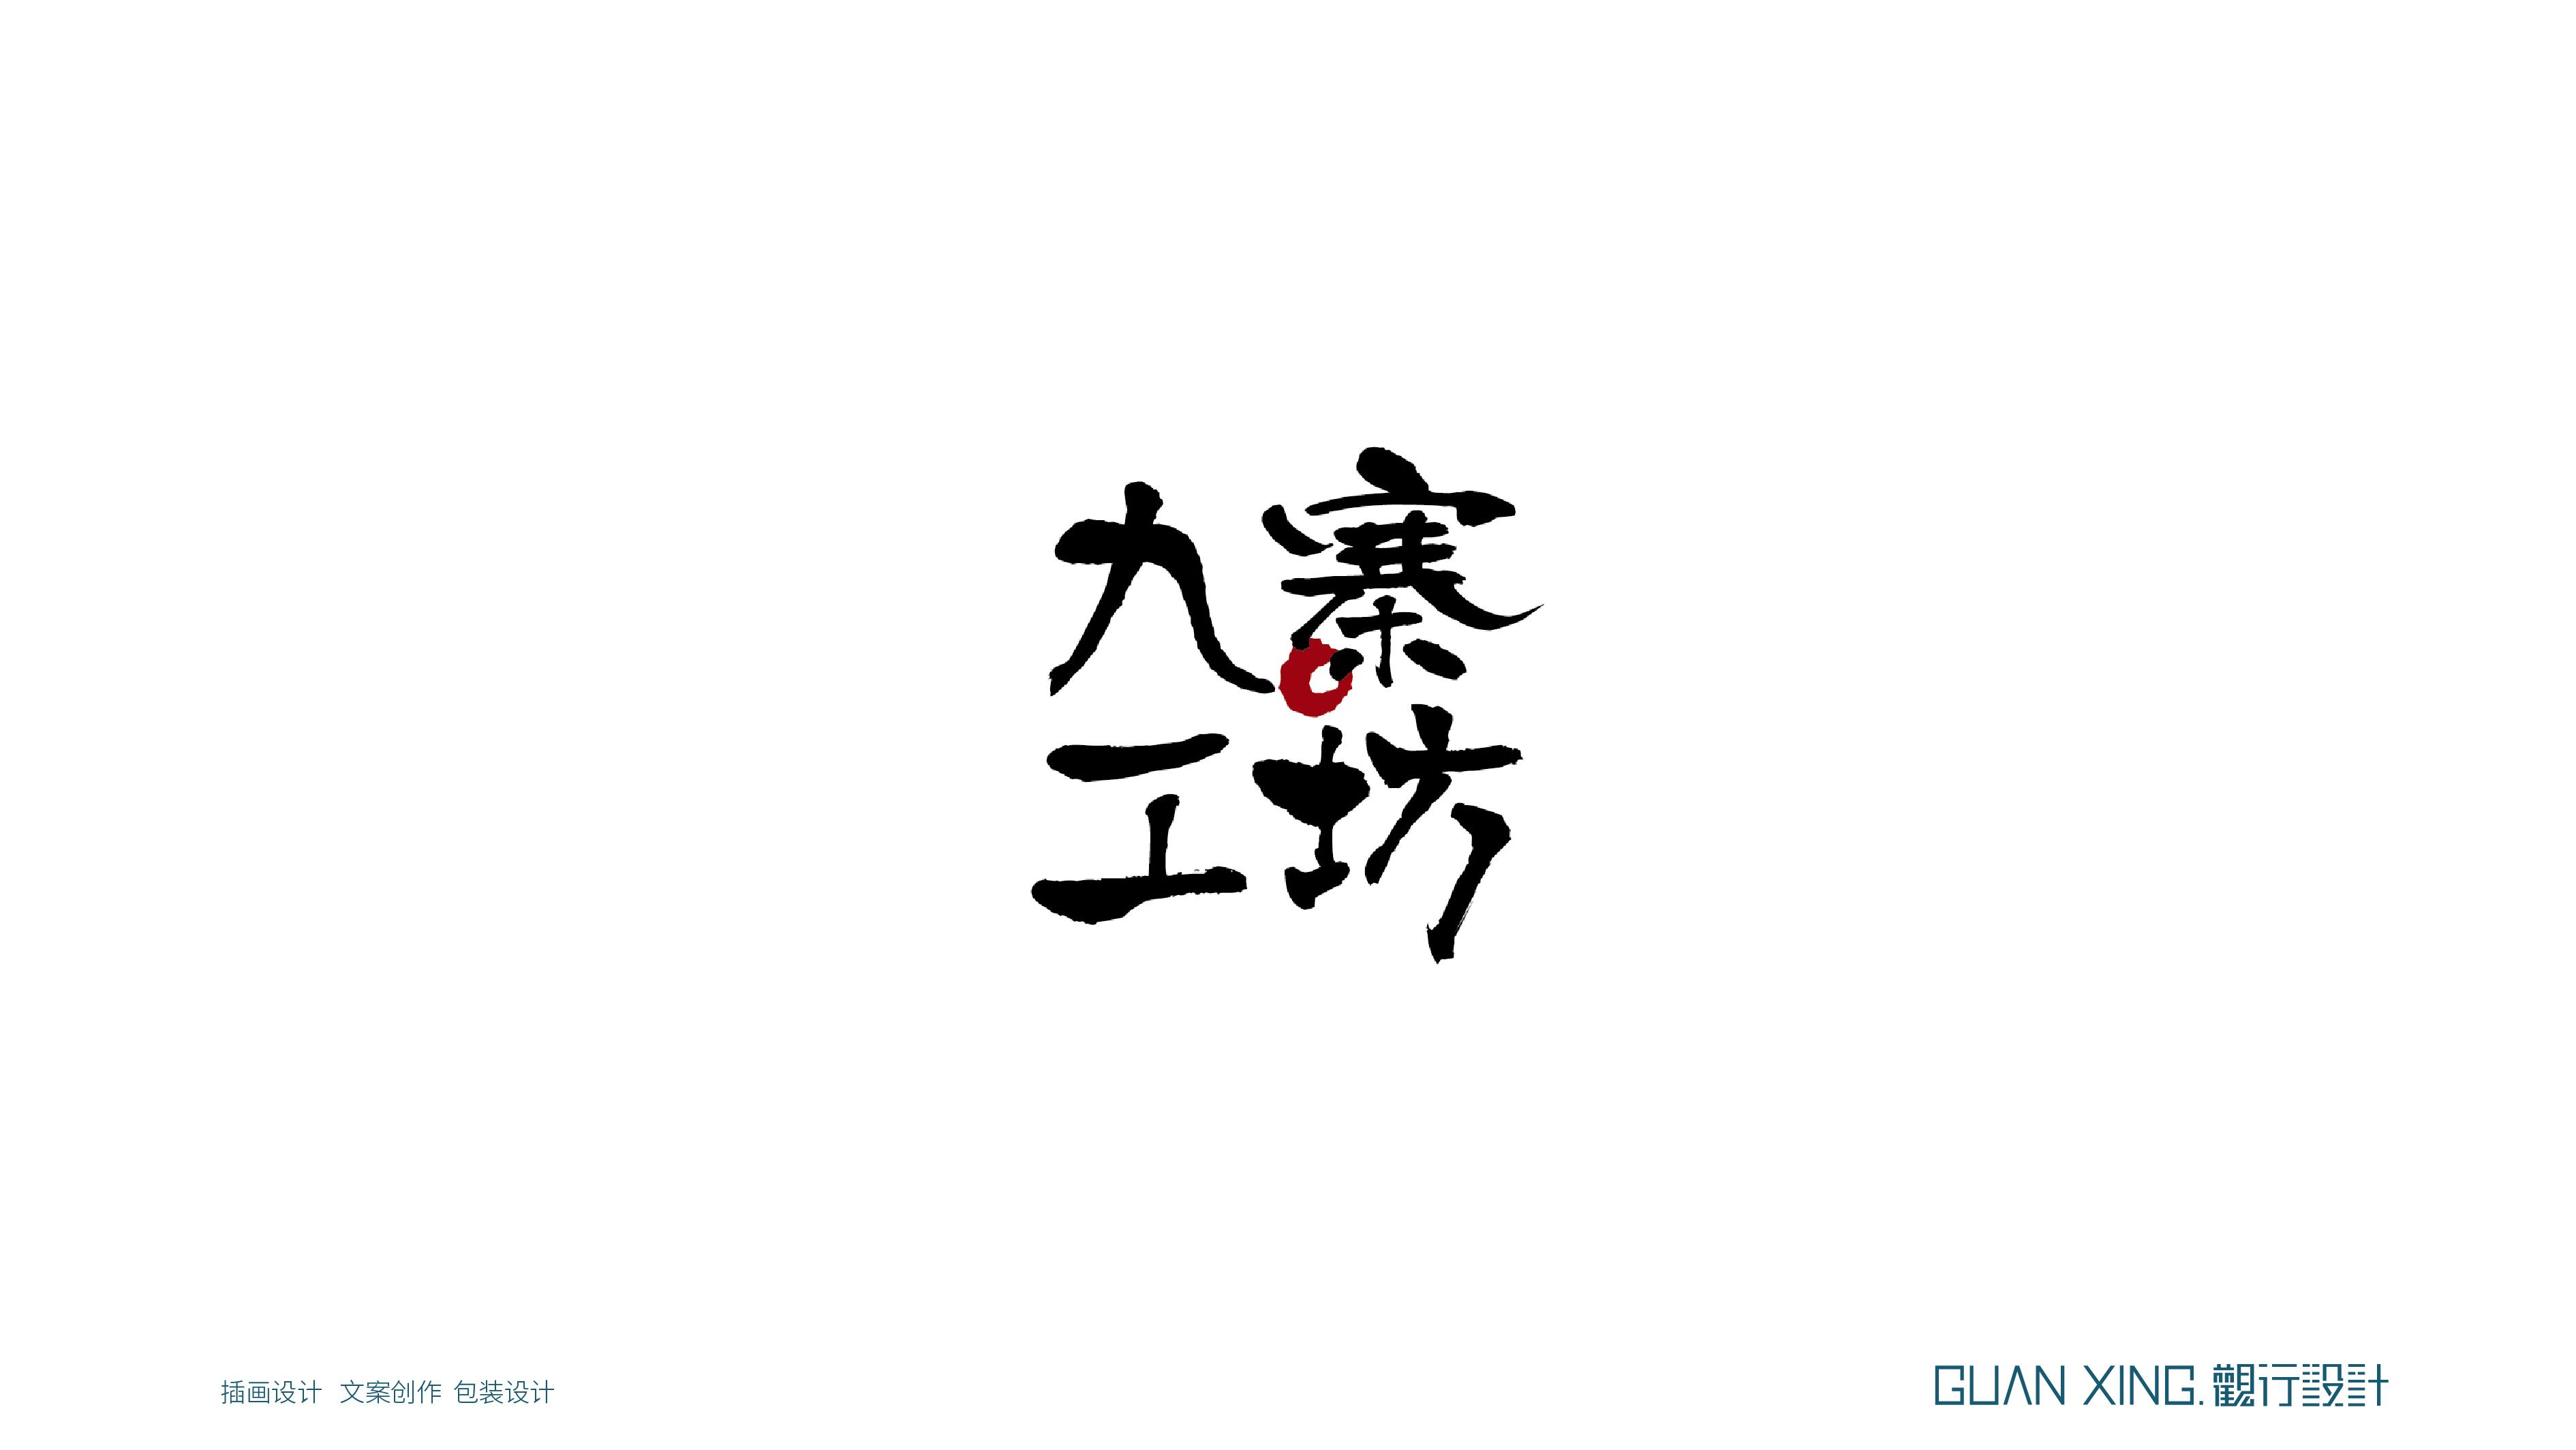 云中蜜-云中蜜-05